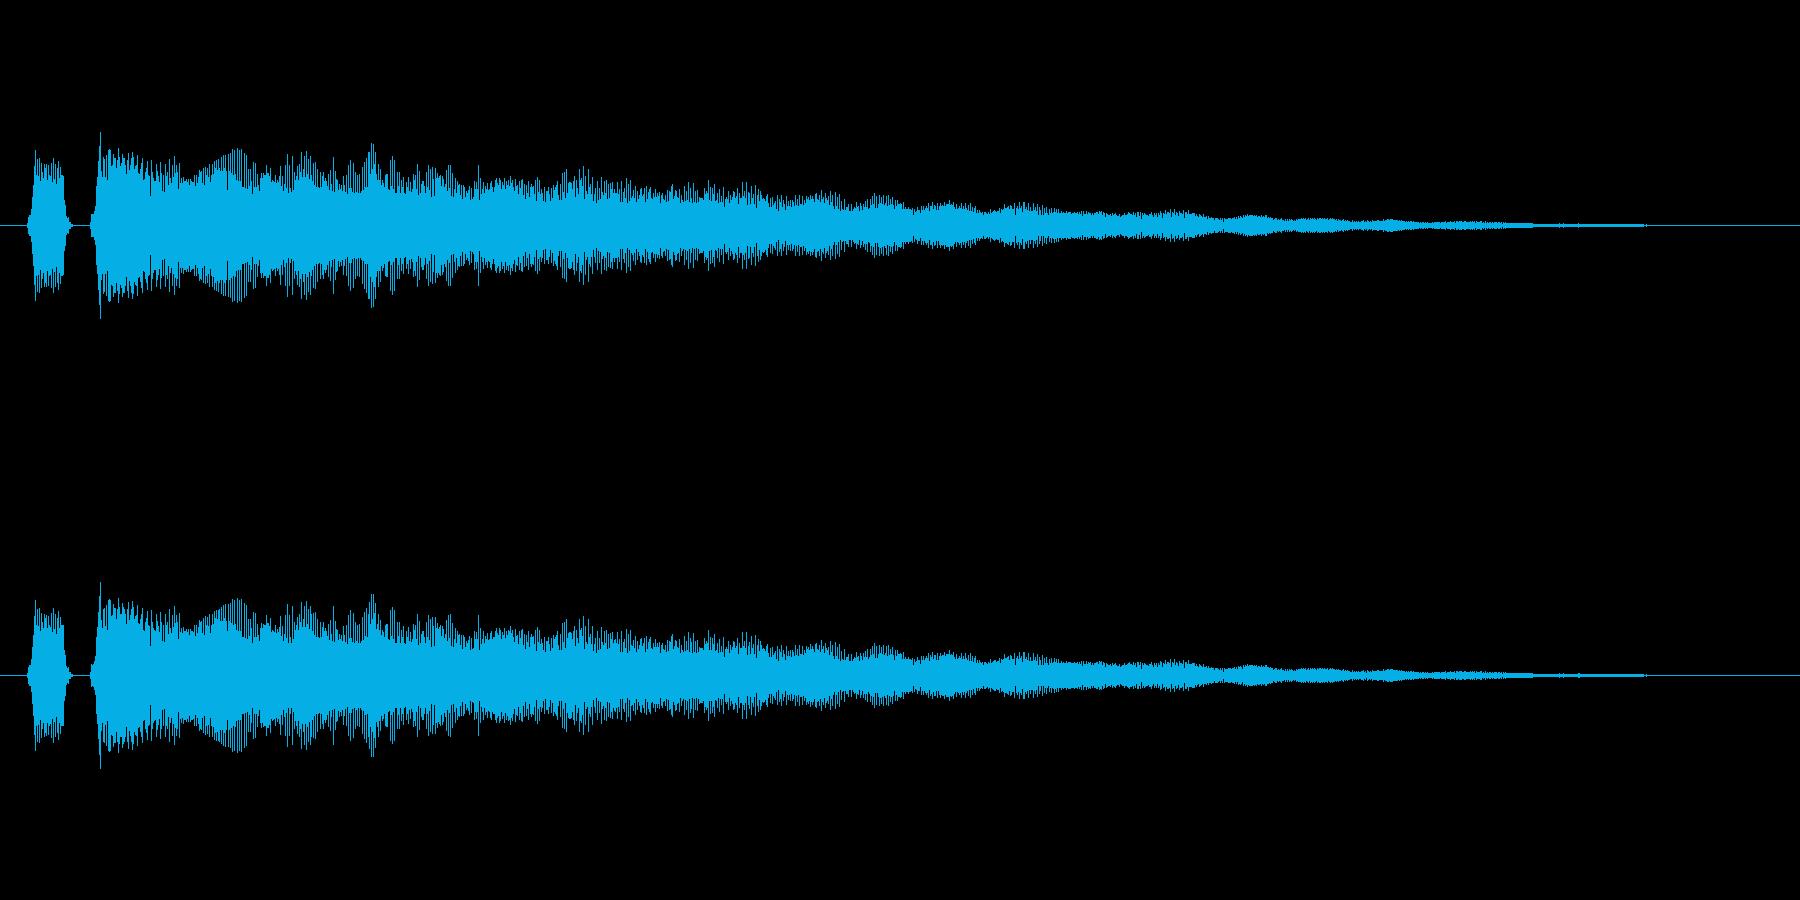 【フレーズ05-2】の再生済みの波形